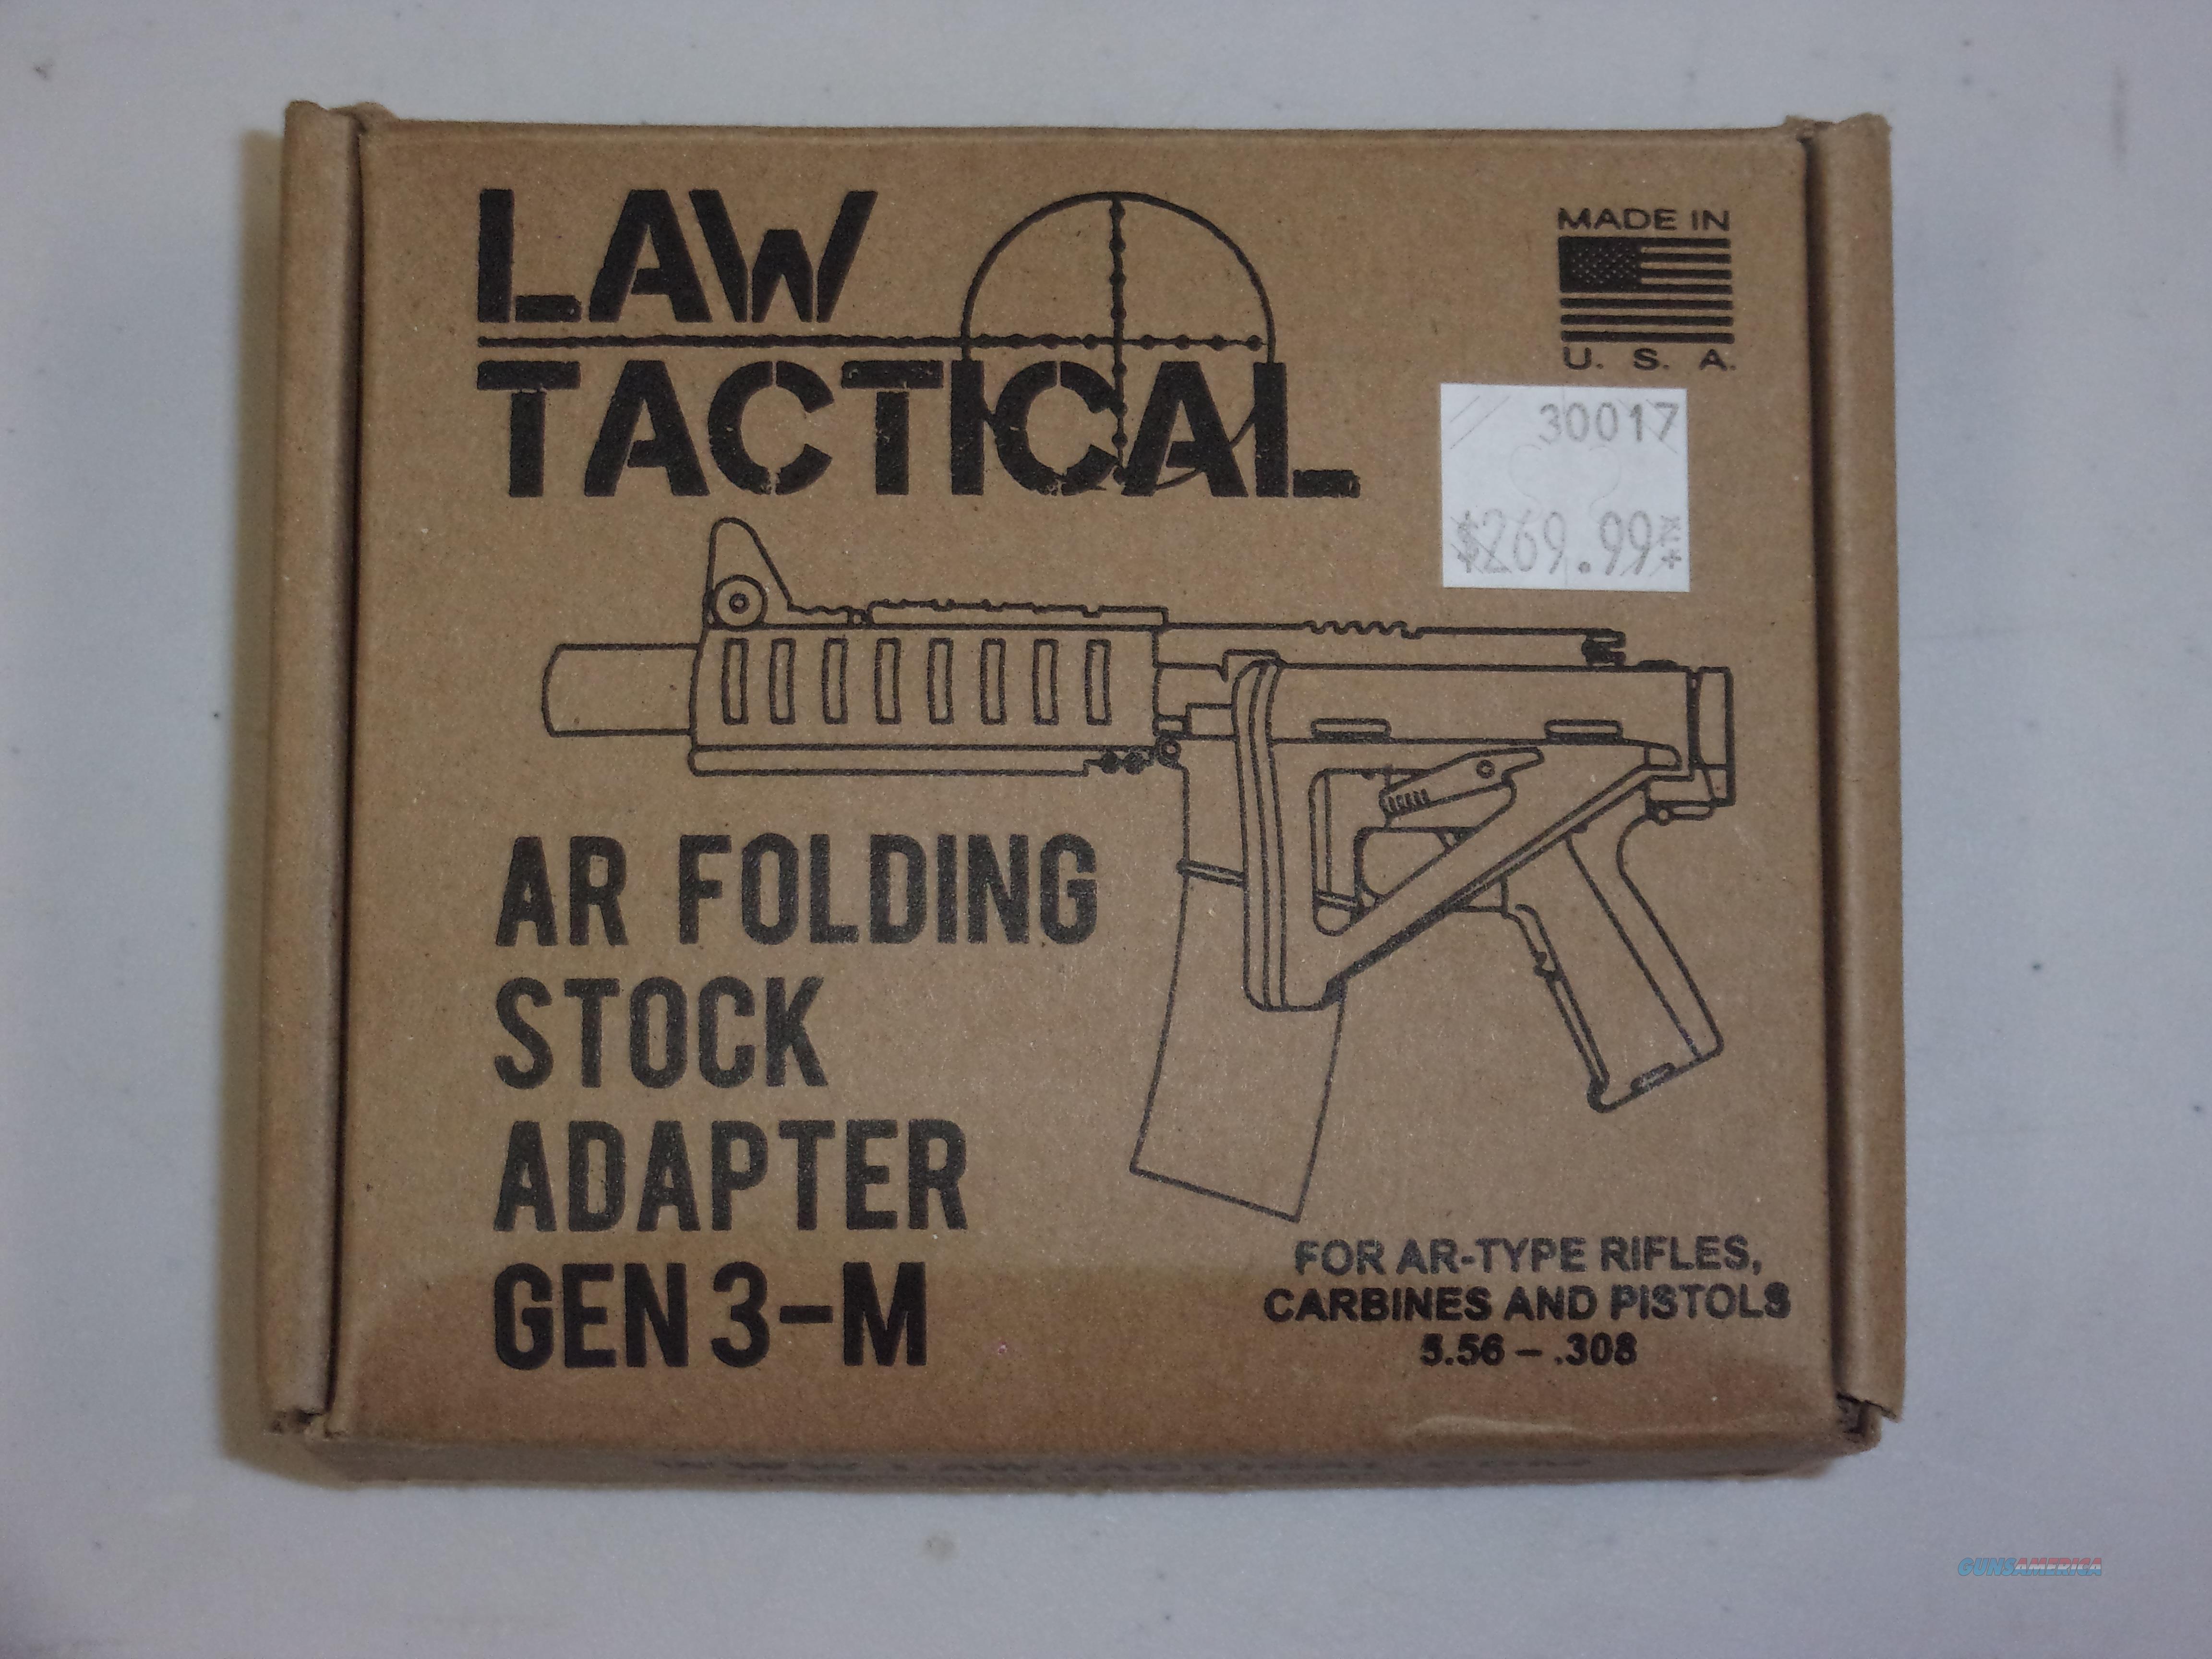 Law Tactical AR Folding Stock Adapter Gen3-M  Non-Guns > Gun Parts > M16-AR15 > Upper Only